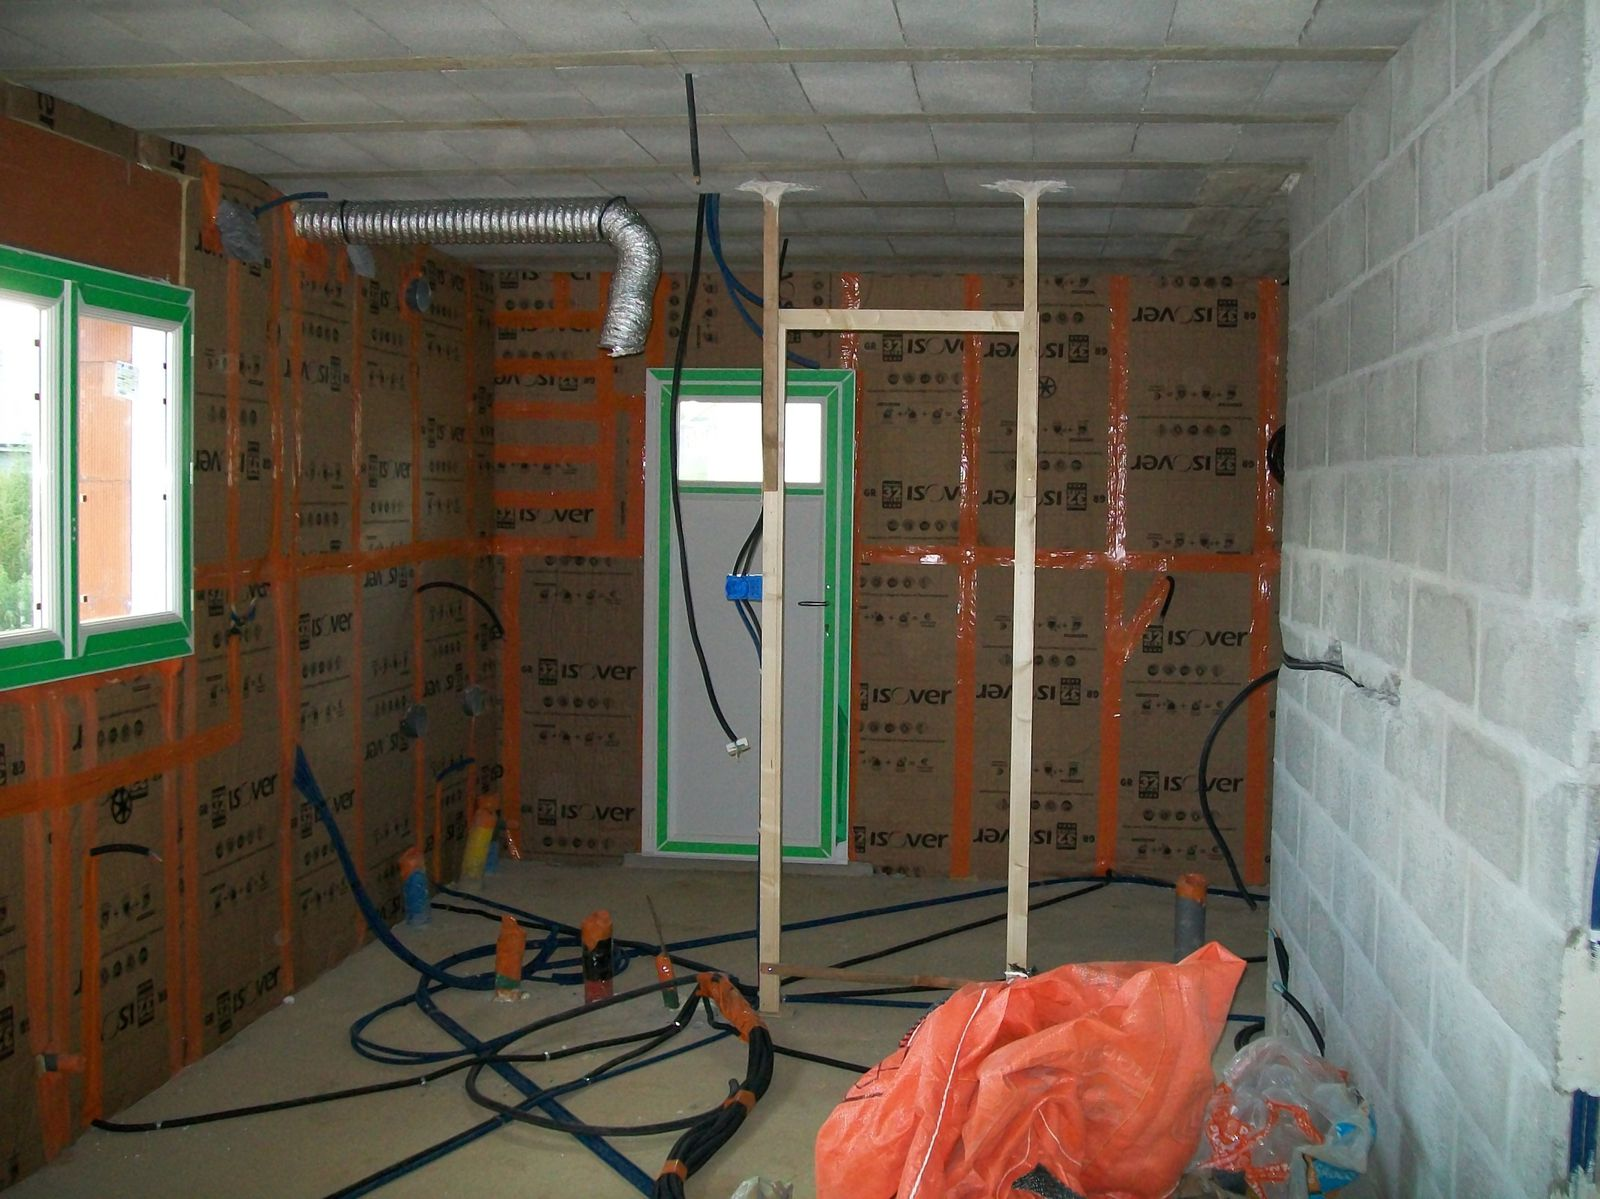 les travaux d 39 lectricit suivi de chantier maison ty breiz. Black Bedroom Furniture Sets. Home Design Ideas